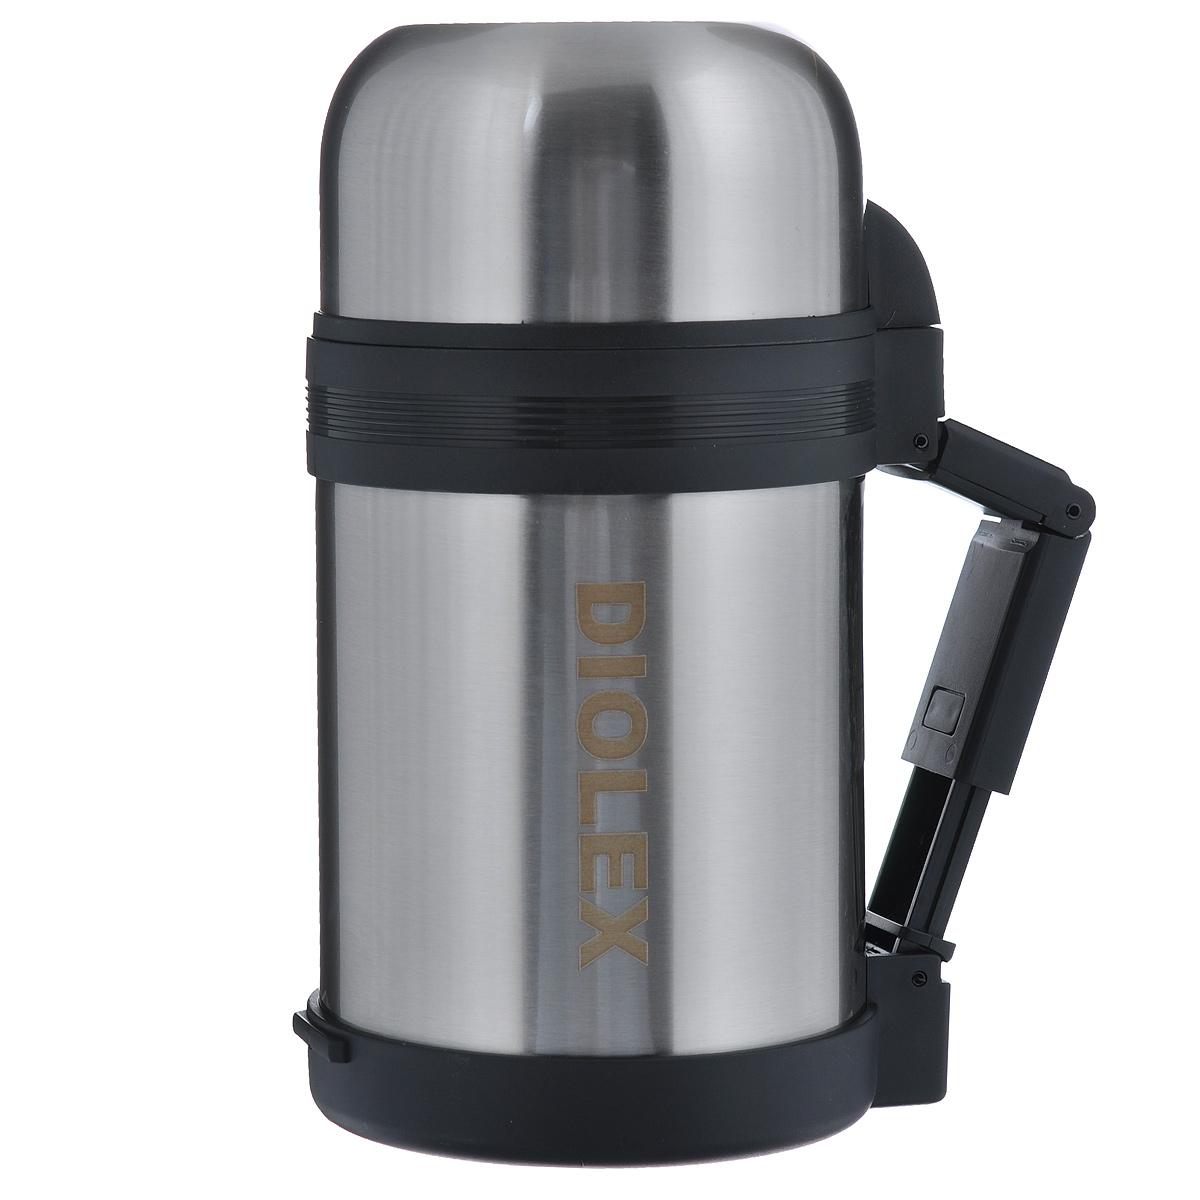 Термос Diolex, с откидной ручкой, 1 л. DXU-1000-1115510Термос Diolex изготовлен из высококачественной нержавеющей стали. Он имеет небьющуюся двойную внутреннюю колбу и изолированную крышку. Пластиковая эргономичная откидная ручка и ремешок для переноски, делает использование термоса легким и удобным.Термос сохраняет напитки и продукты горячими в течение 12 часов, а холодными в течение 24 часов. Легкий и прочный термос Diolex идеально подойдет для транспортировки и путешествий. Высота термоса (с учетом крышки): 23 см. Диаметр основания: 10 см. Объем термоса: 1 л. Материал: нержавеющая сталь, пластик.